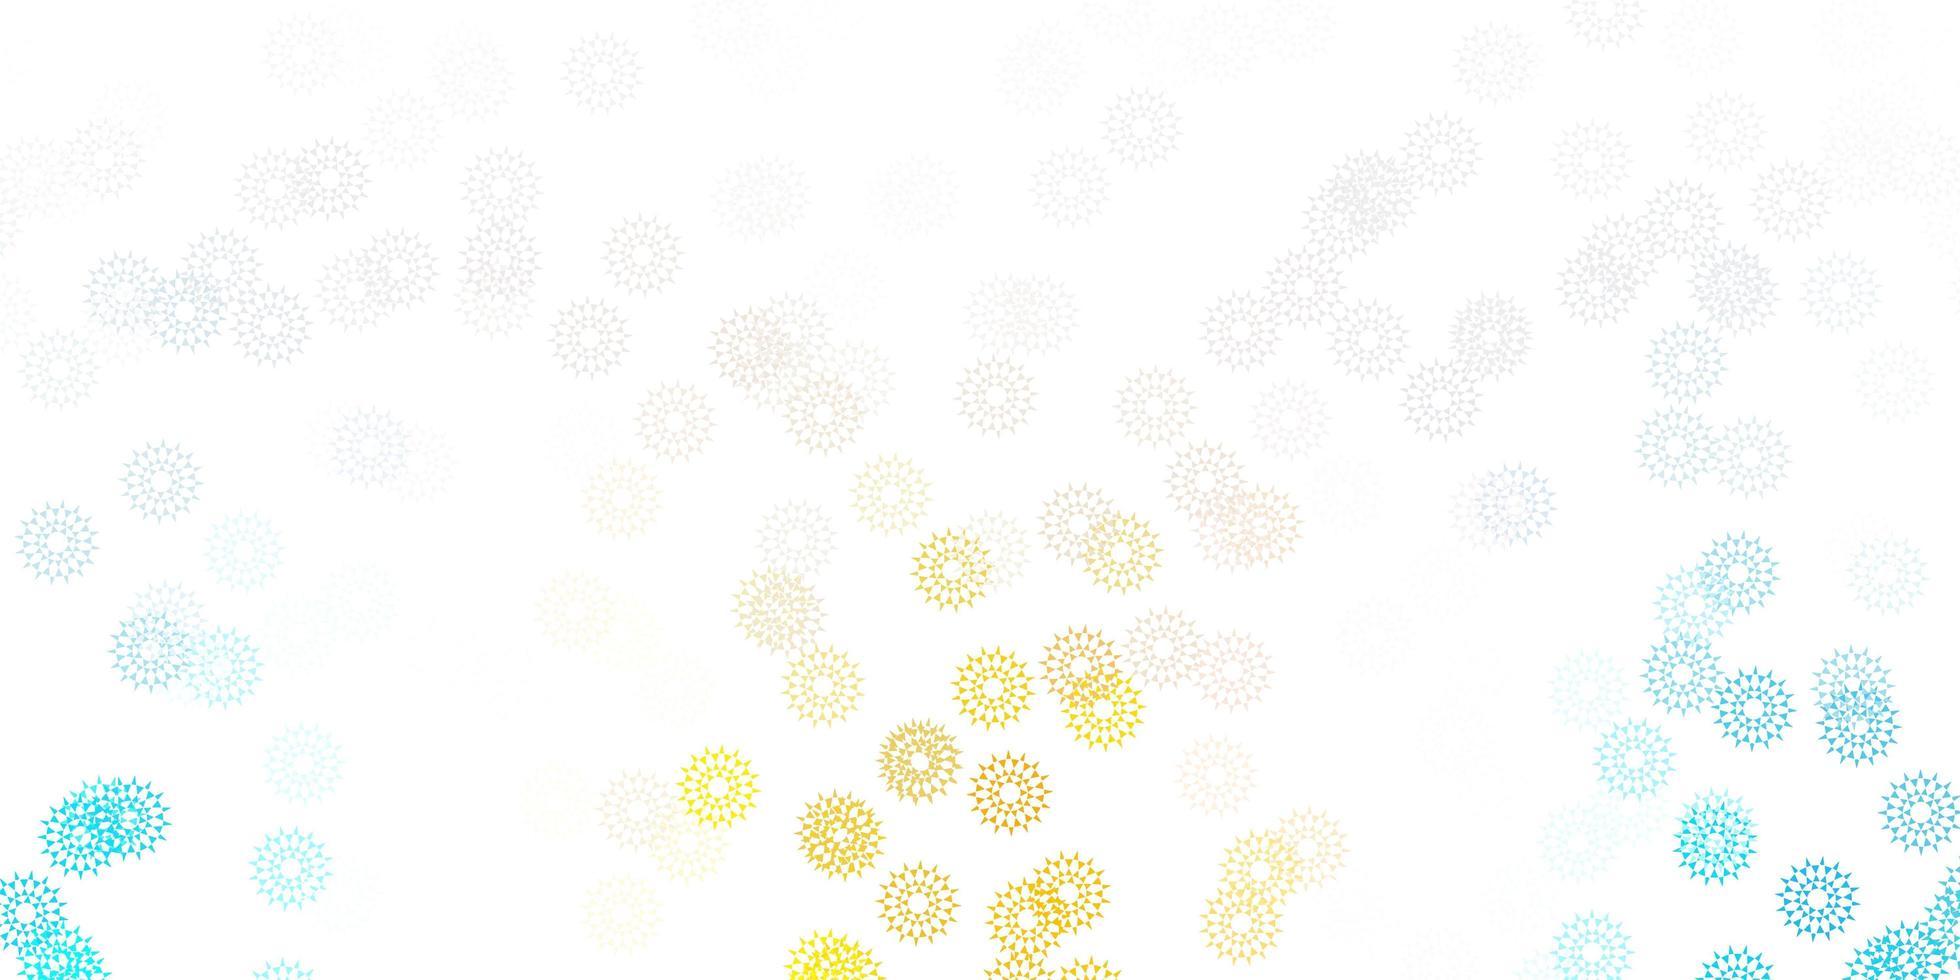 natürliche Kunst des hellblauen, gelben Vektors mit Blumen. vektor